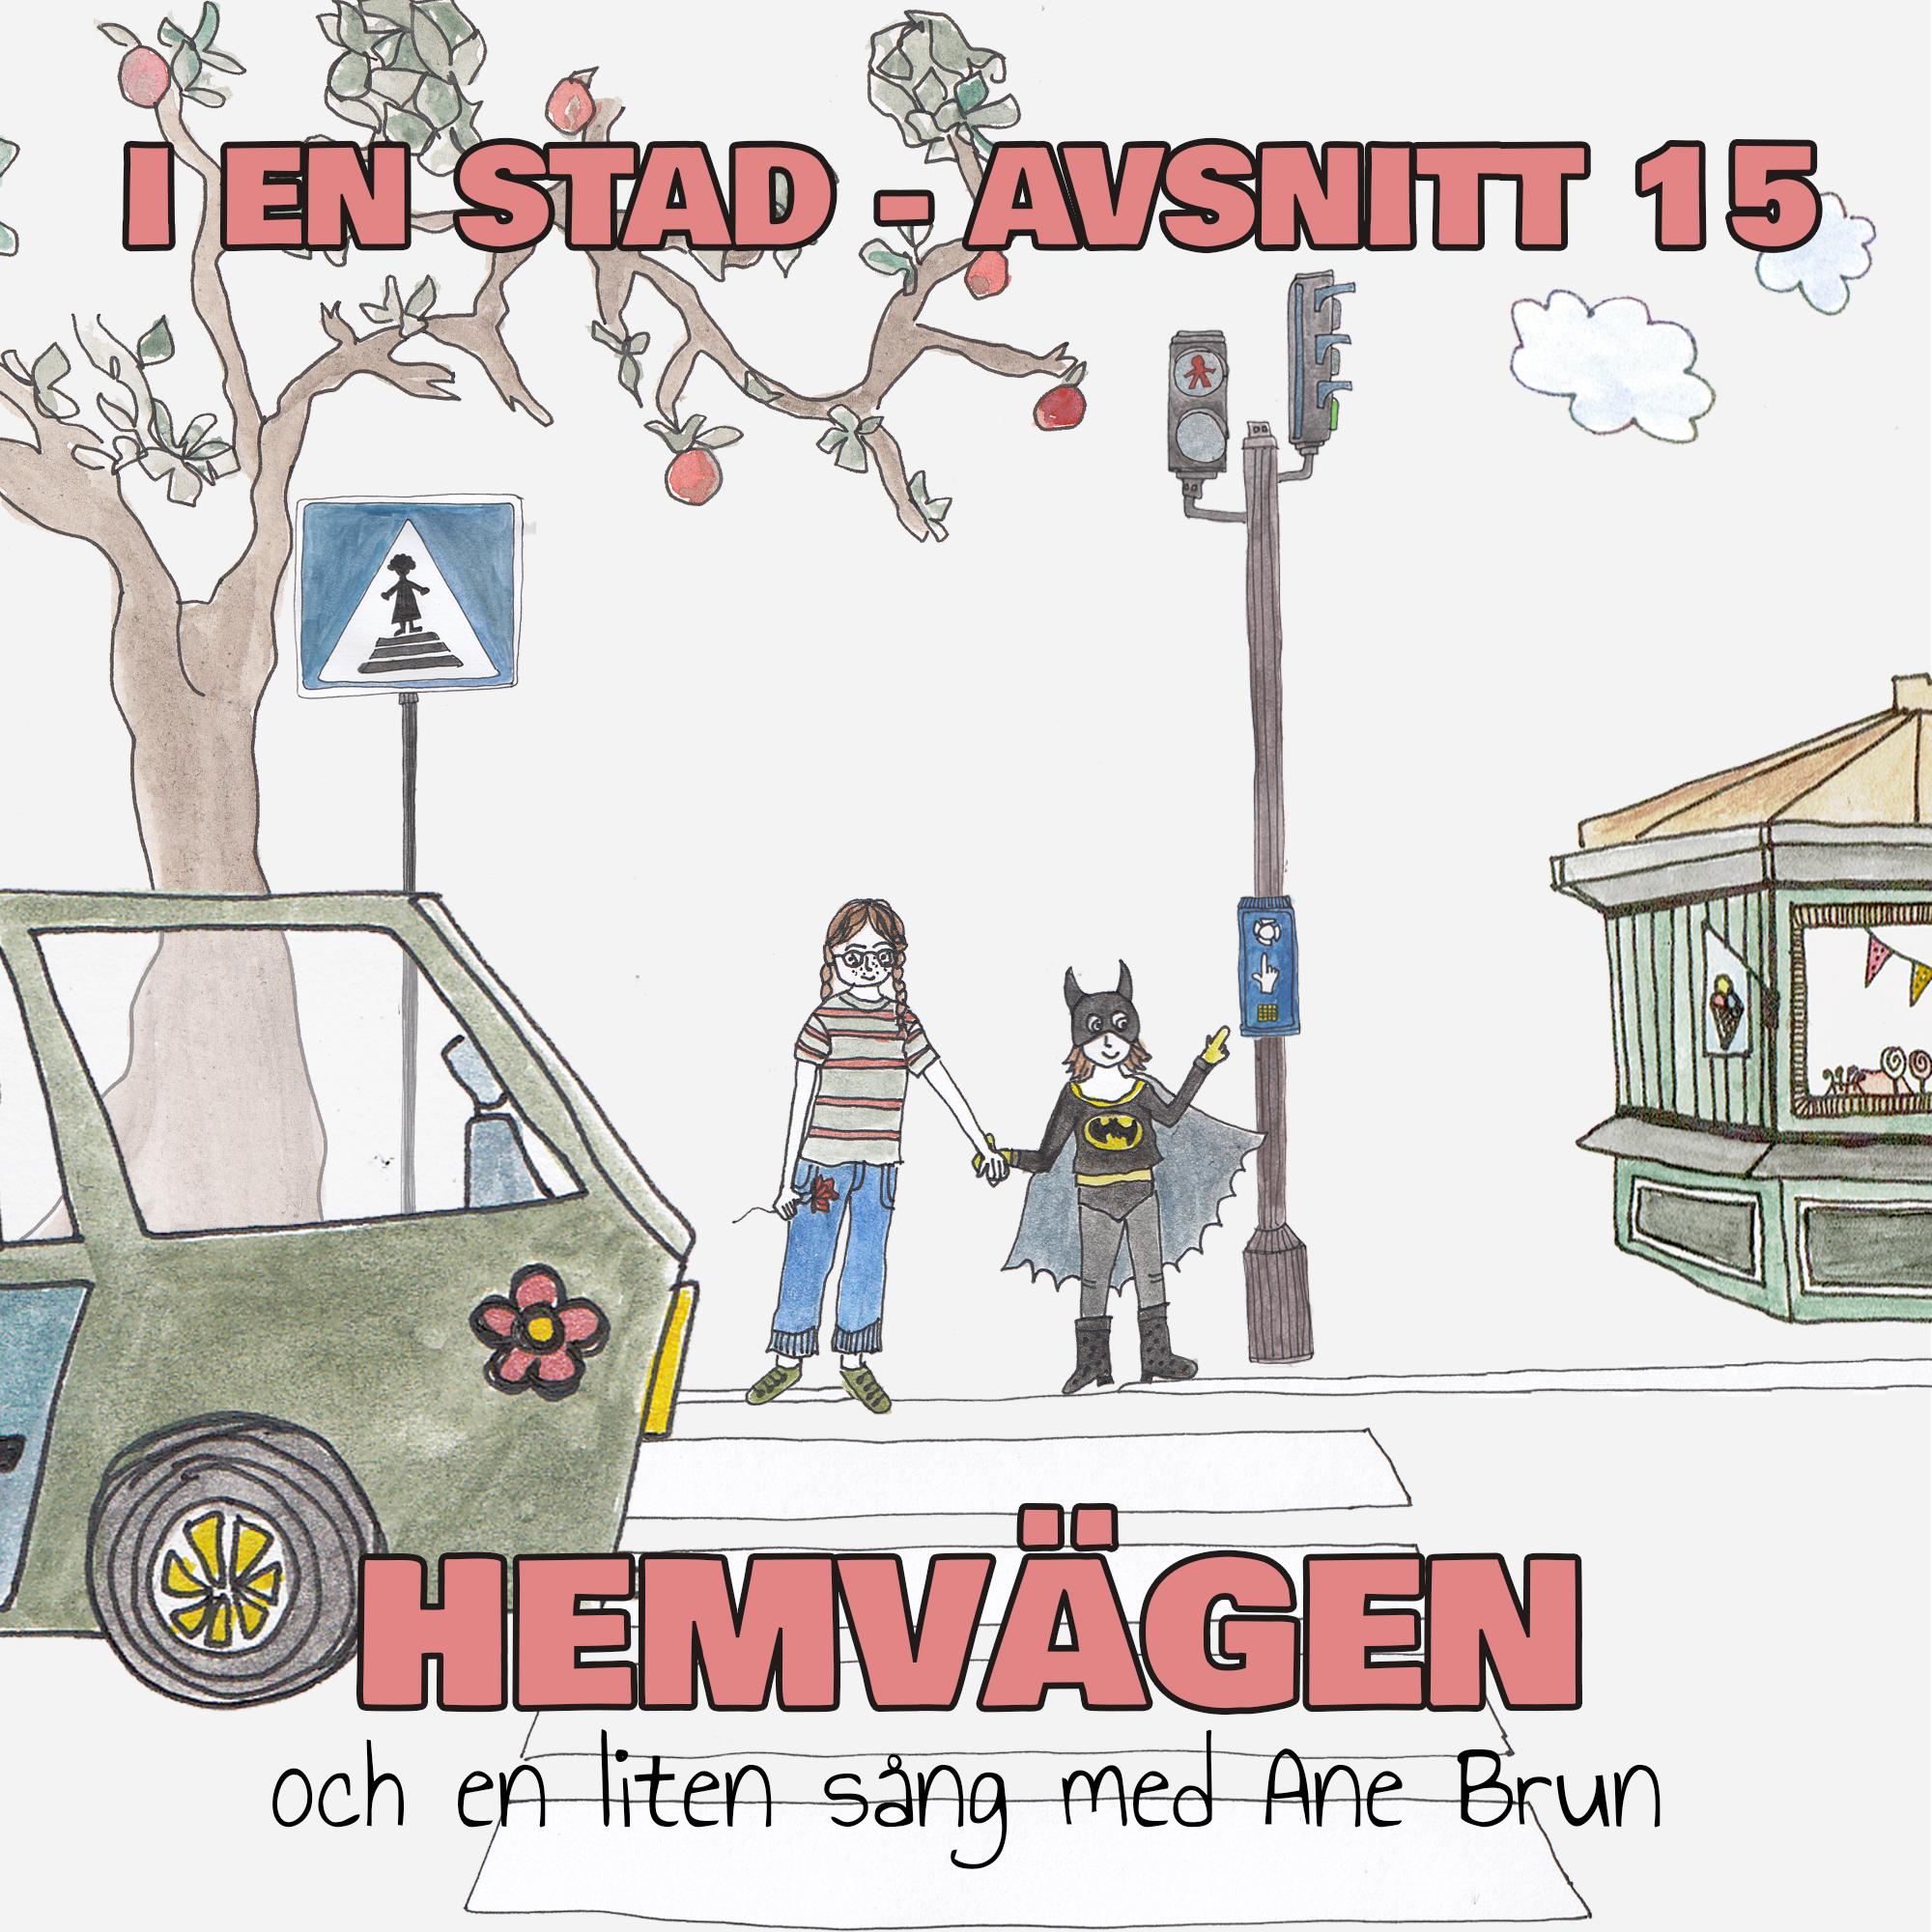 HEMVÄGEN feat. Ane Brun